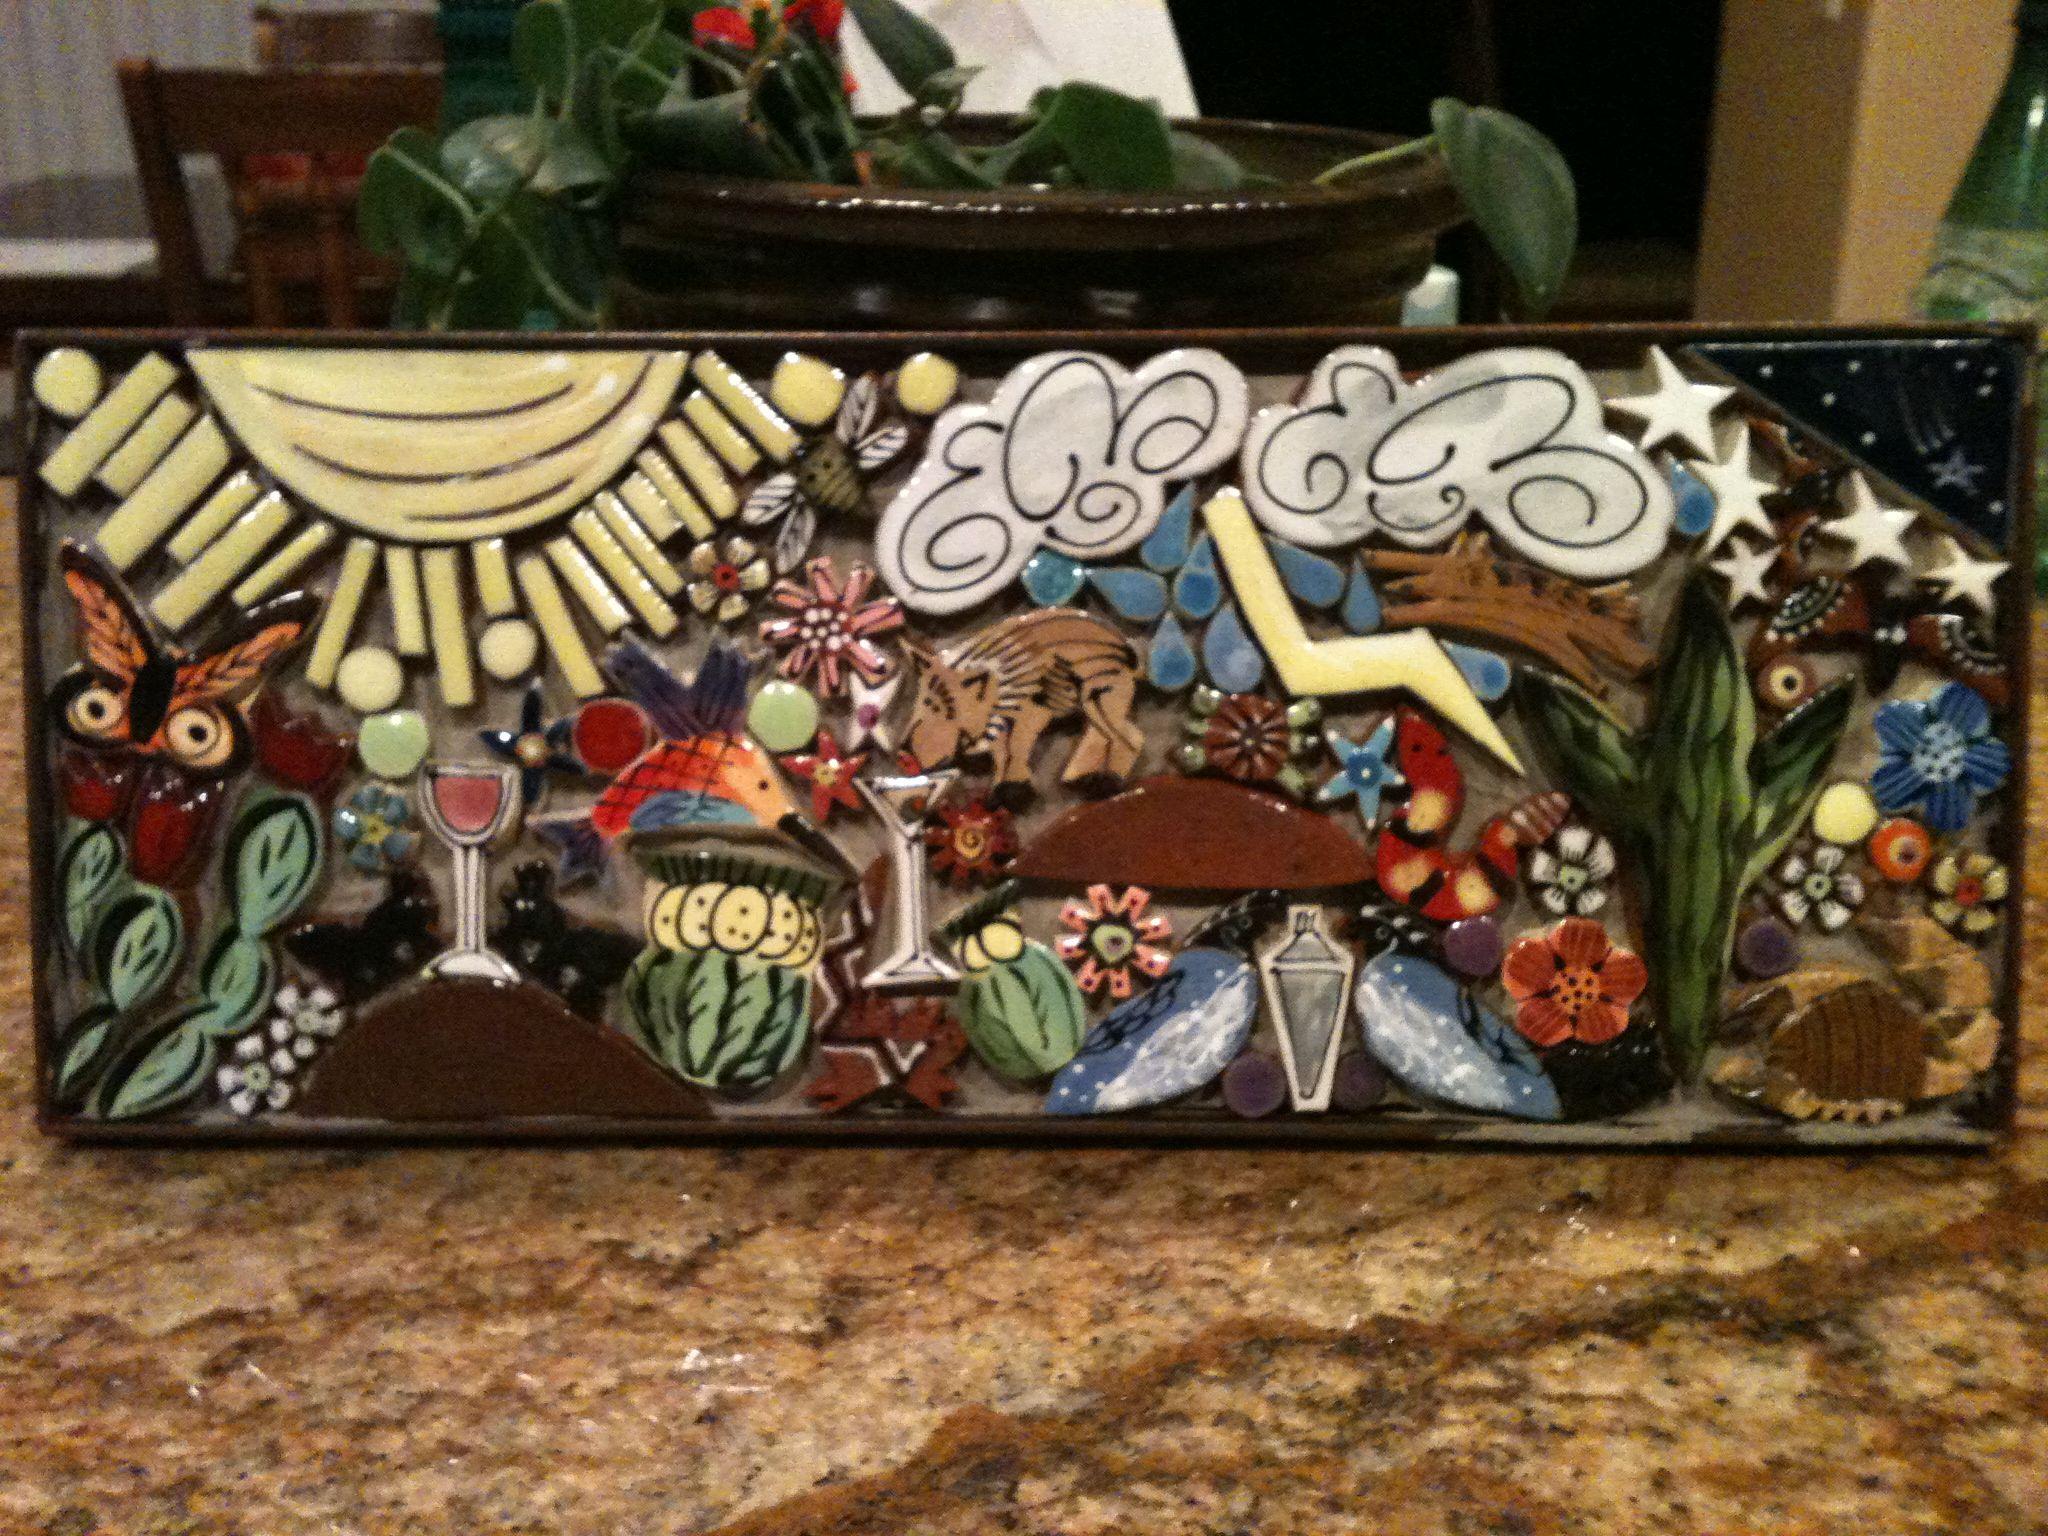 Sold custom made butterfly mosaic table top for mary ann in texas - Kush S Southwest Scene I Used Santa Theresa Tile Works Desert Critter Tiles To Make